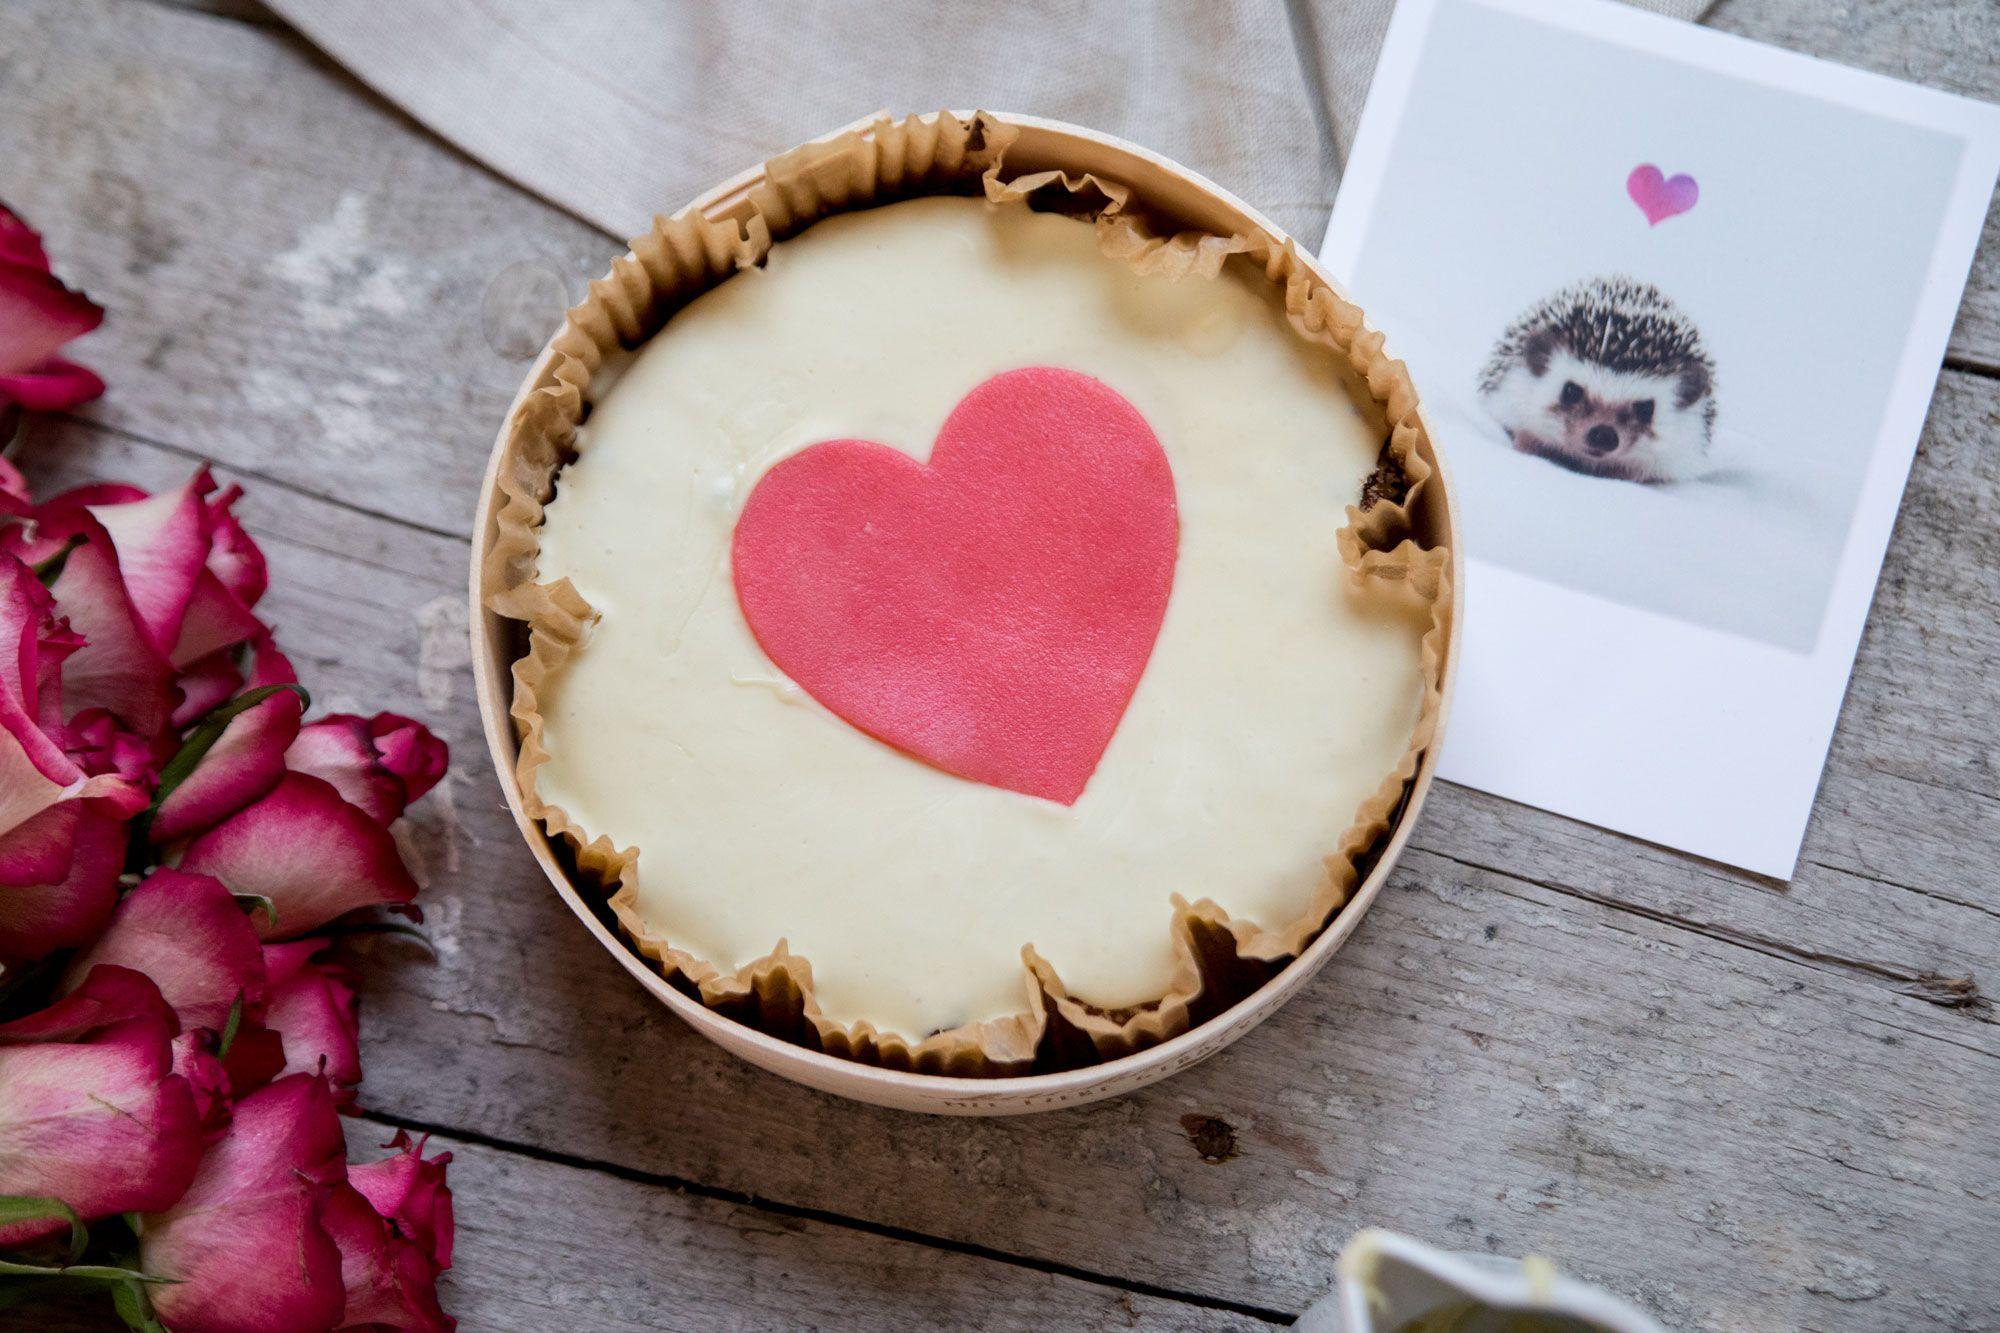 Das Perfekte Geschenk Zum Valentinstag Leckerer Nuss Schoko Kuchen Von Oma Regina Und Dazu Ein Strauss Ros Kuchen Bestellen Susse Kuchen Kuchentratsch